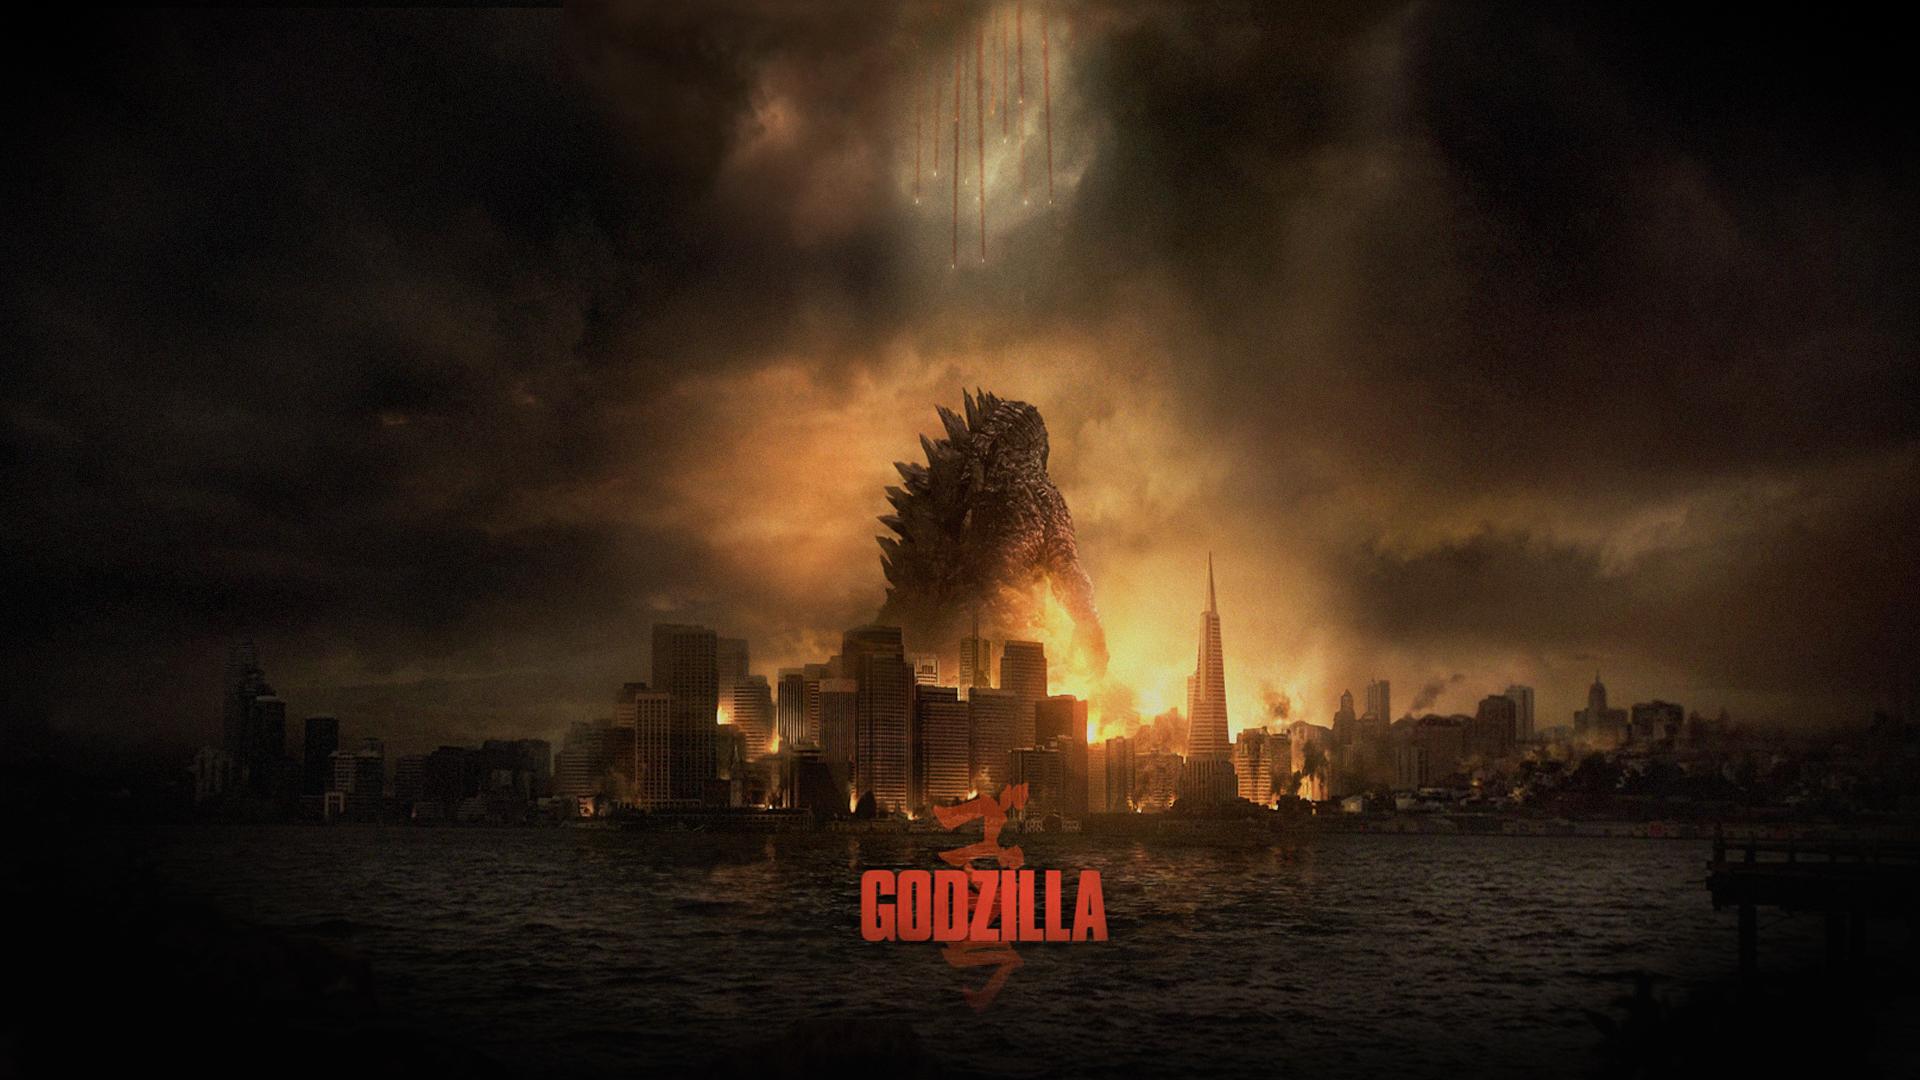 godzilla-2014-wallpaper1